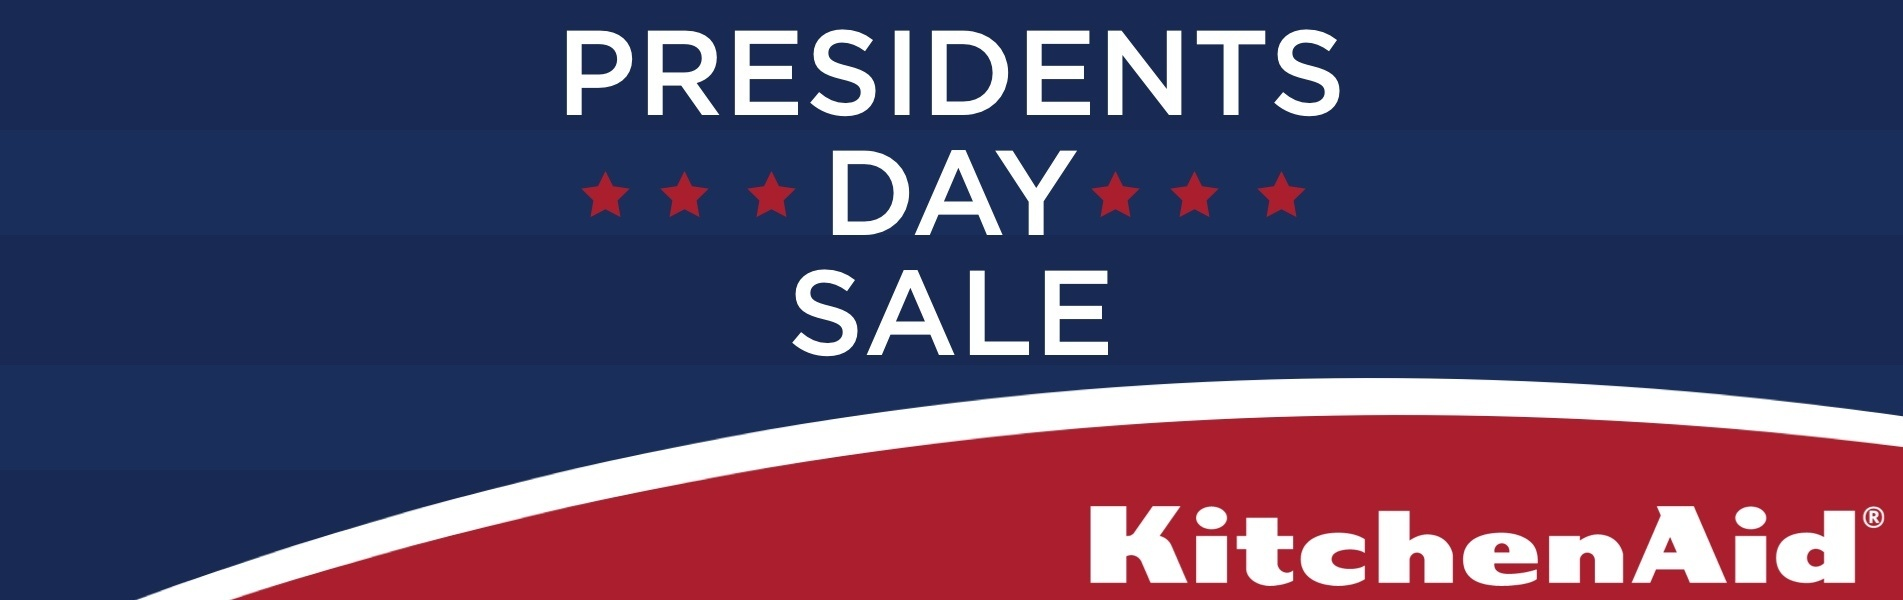 KitchenAid-Presidents-Day-2021